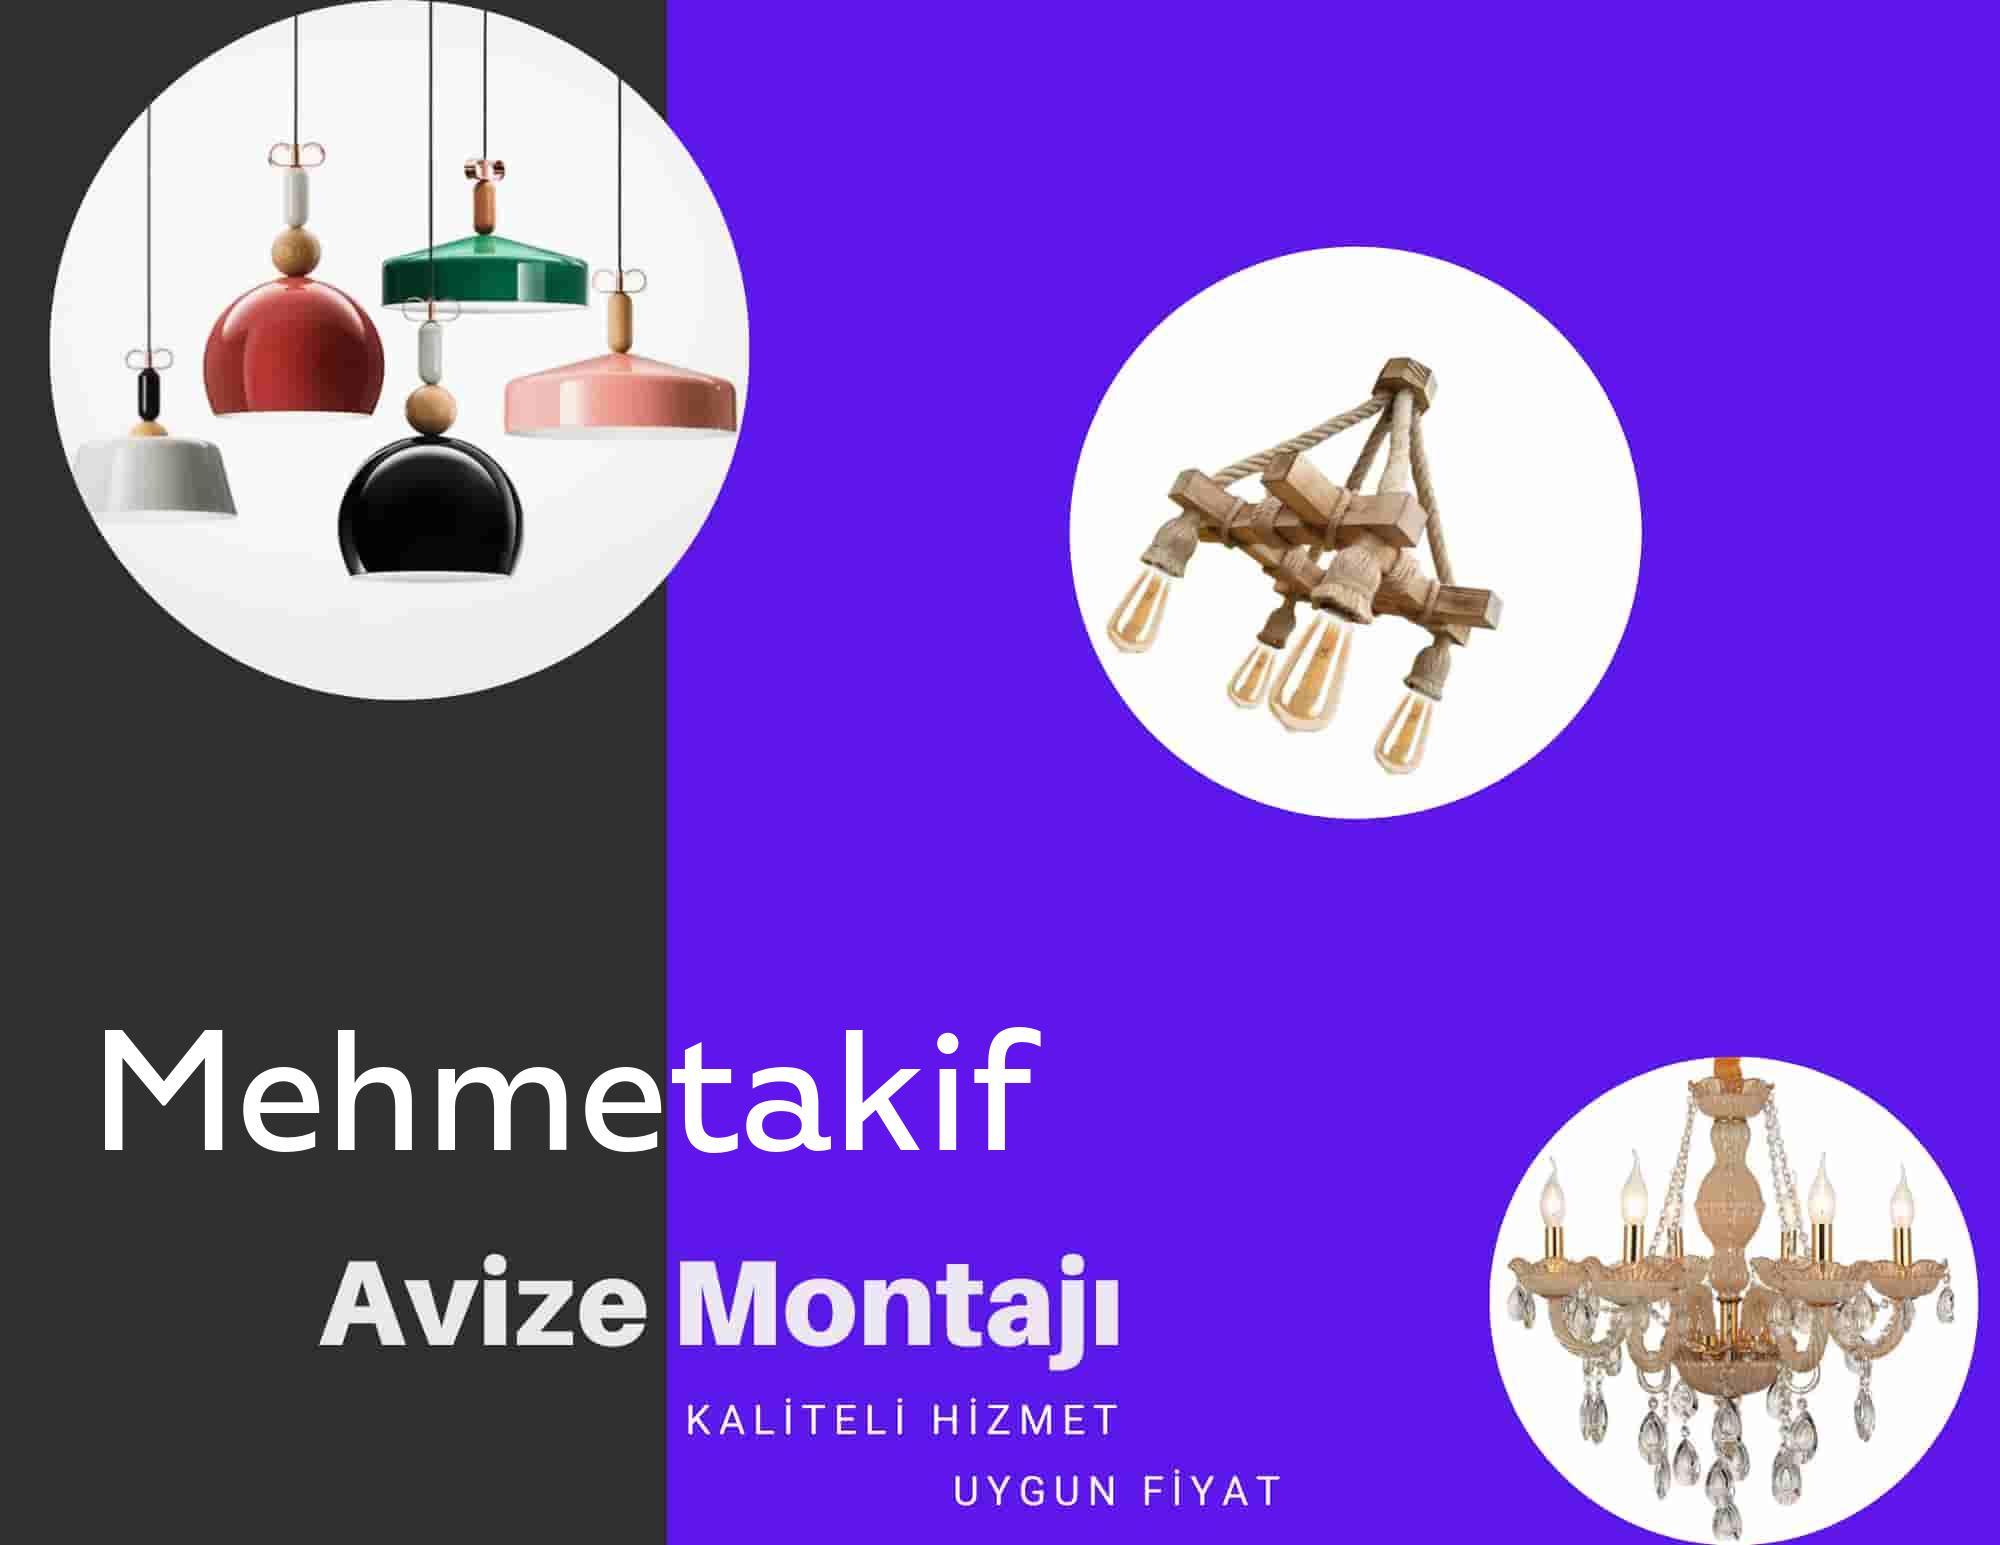 Mehmetakif de avize montajı yapan yerler arıyorsanız elektrikcicagir anında size profesyonel avize montajı ustasını yönlendirir.